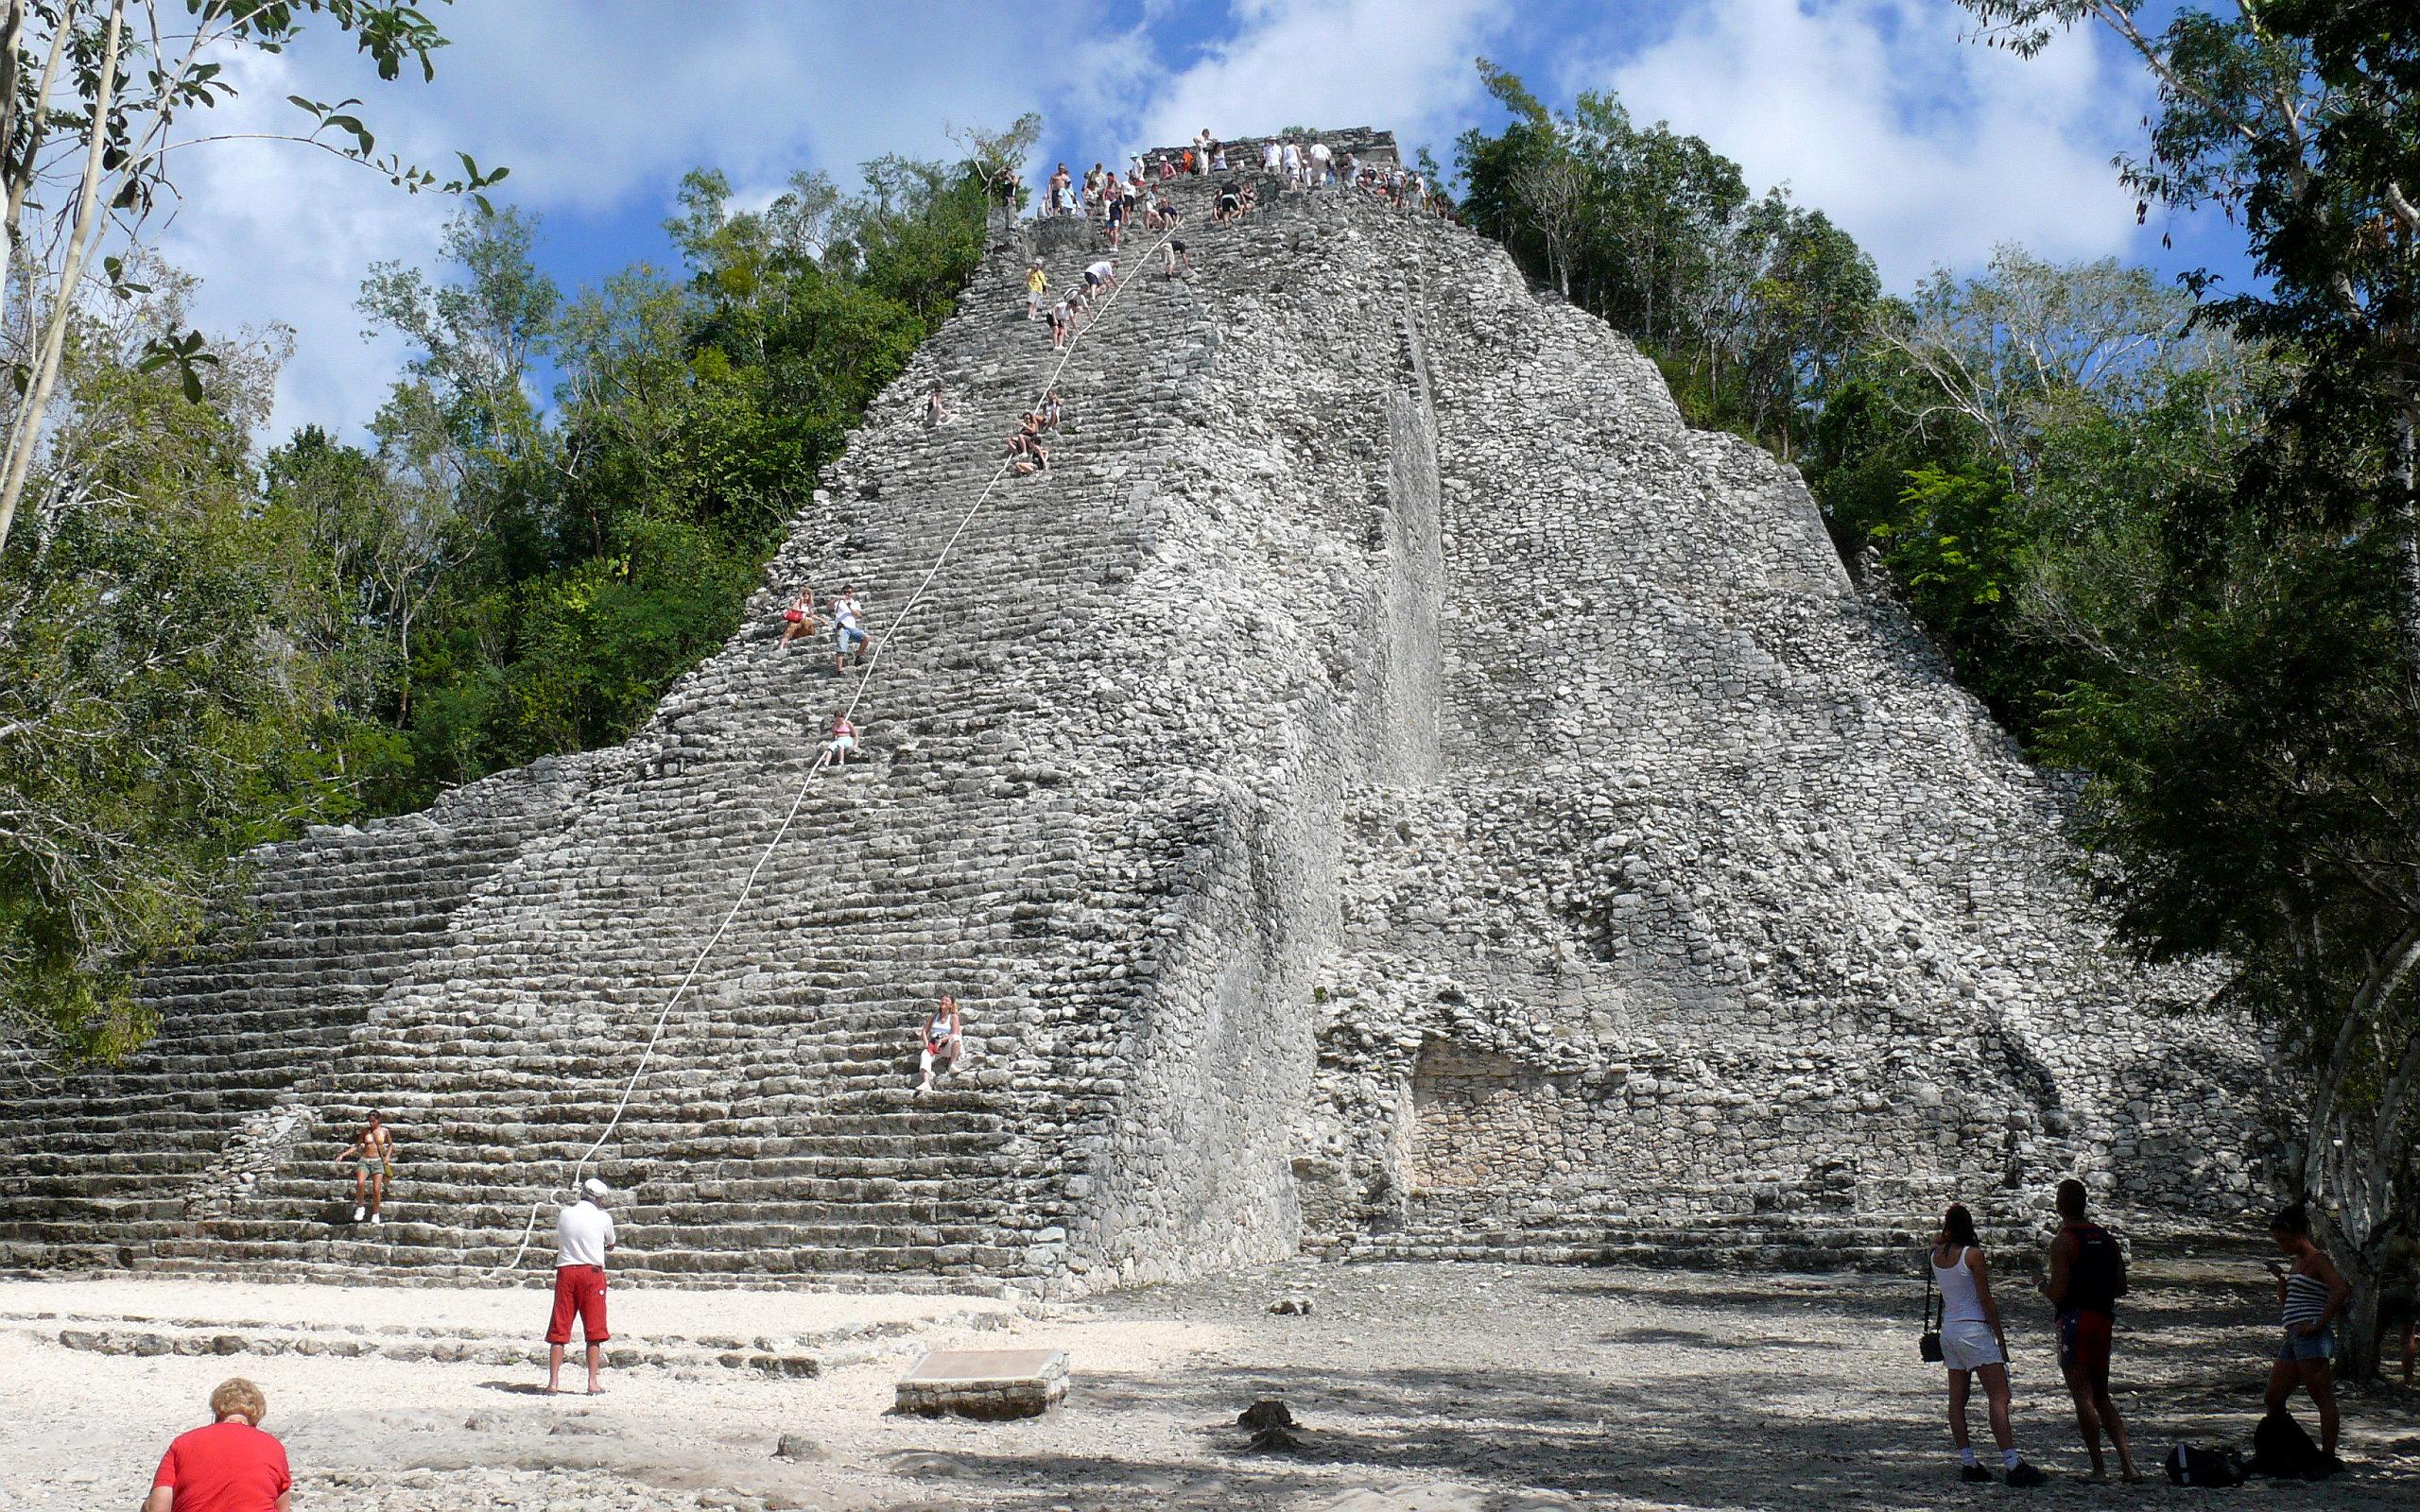 coba pyramid how tall